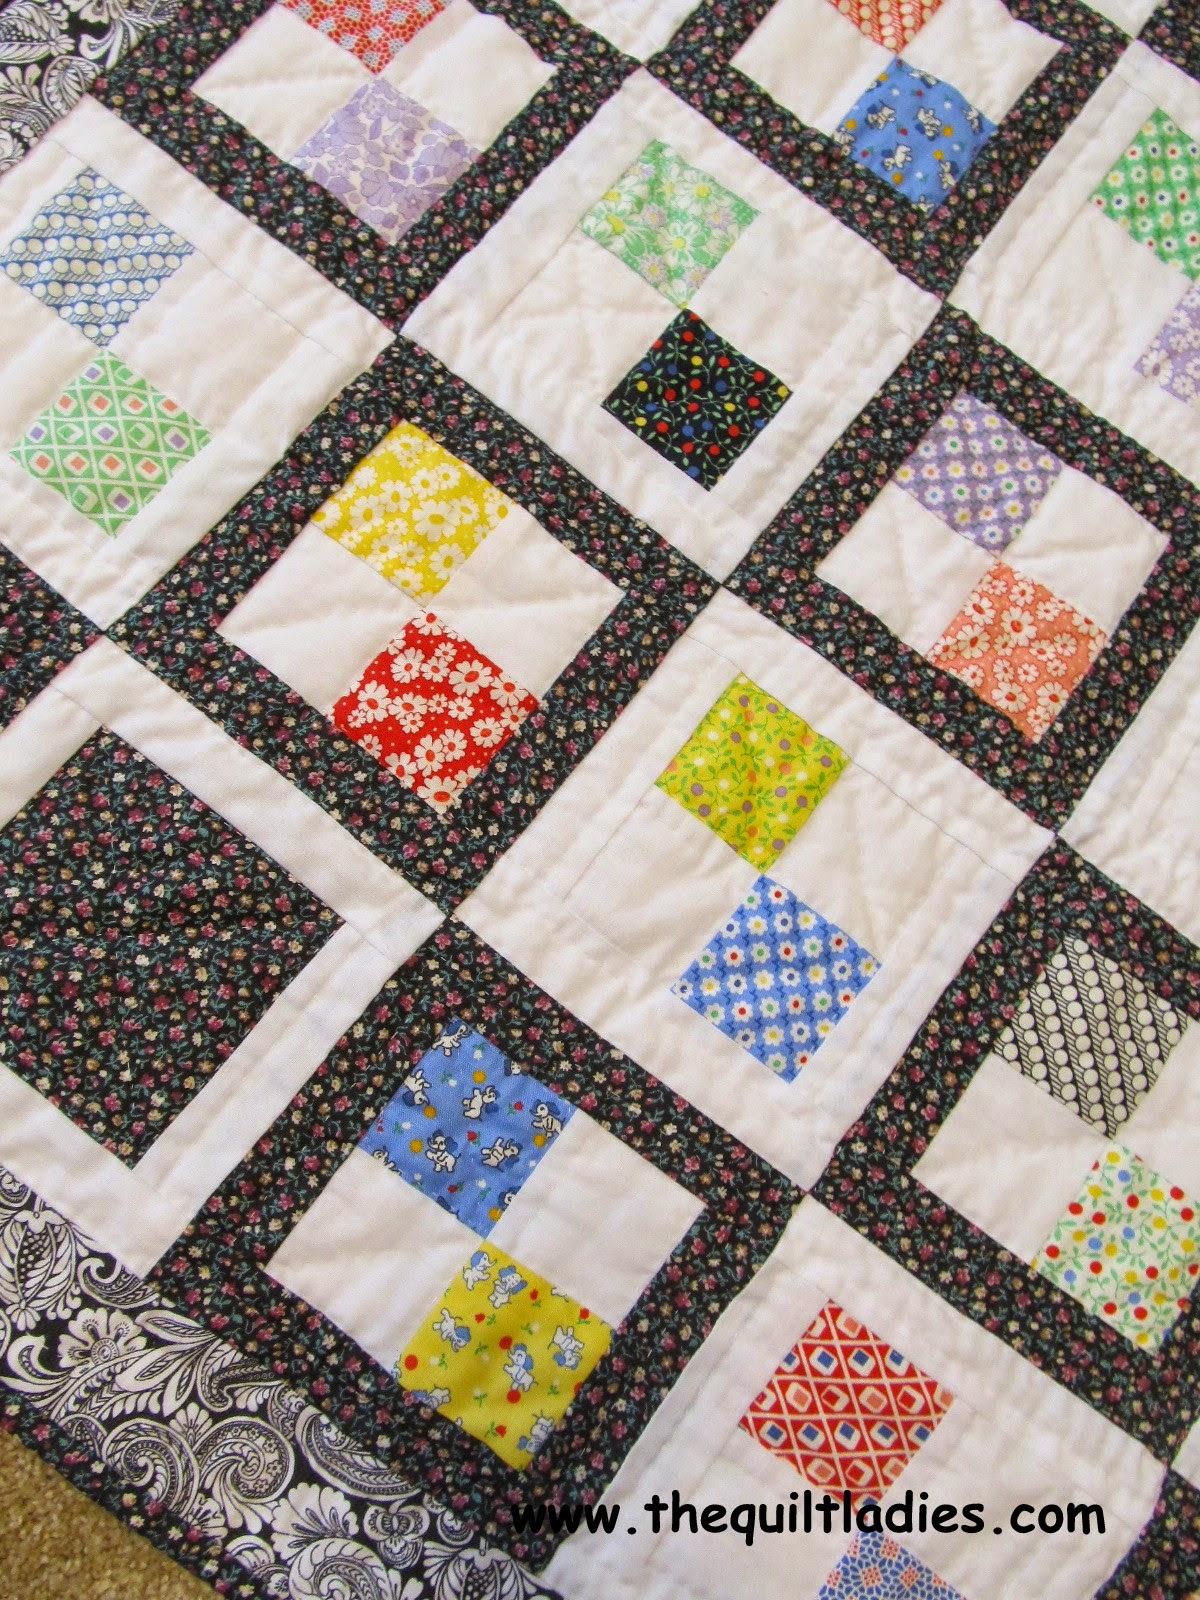 4-patch quilt block quilt pattern